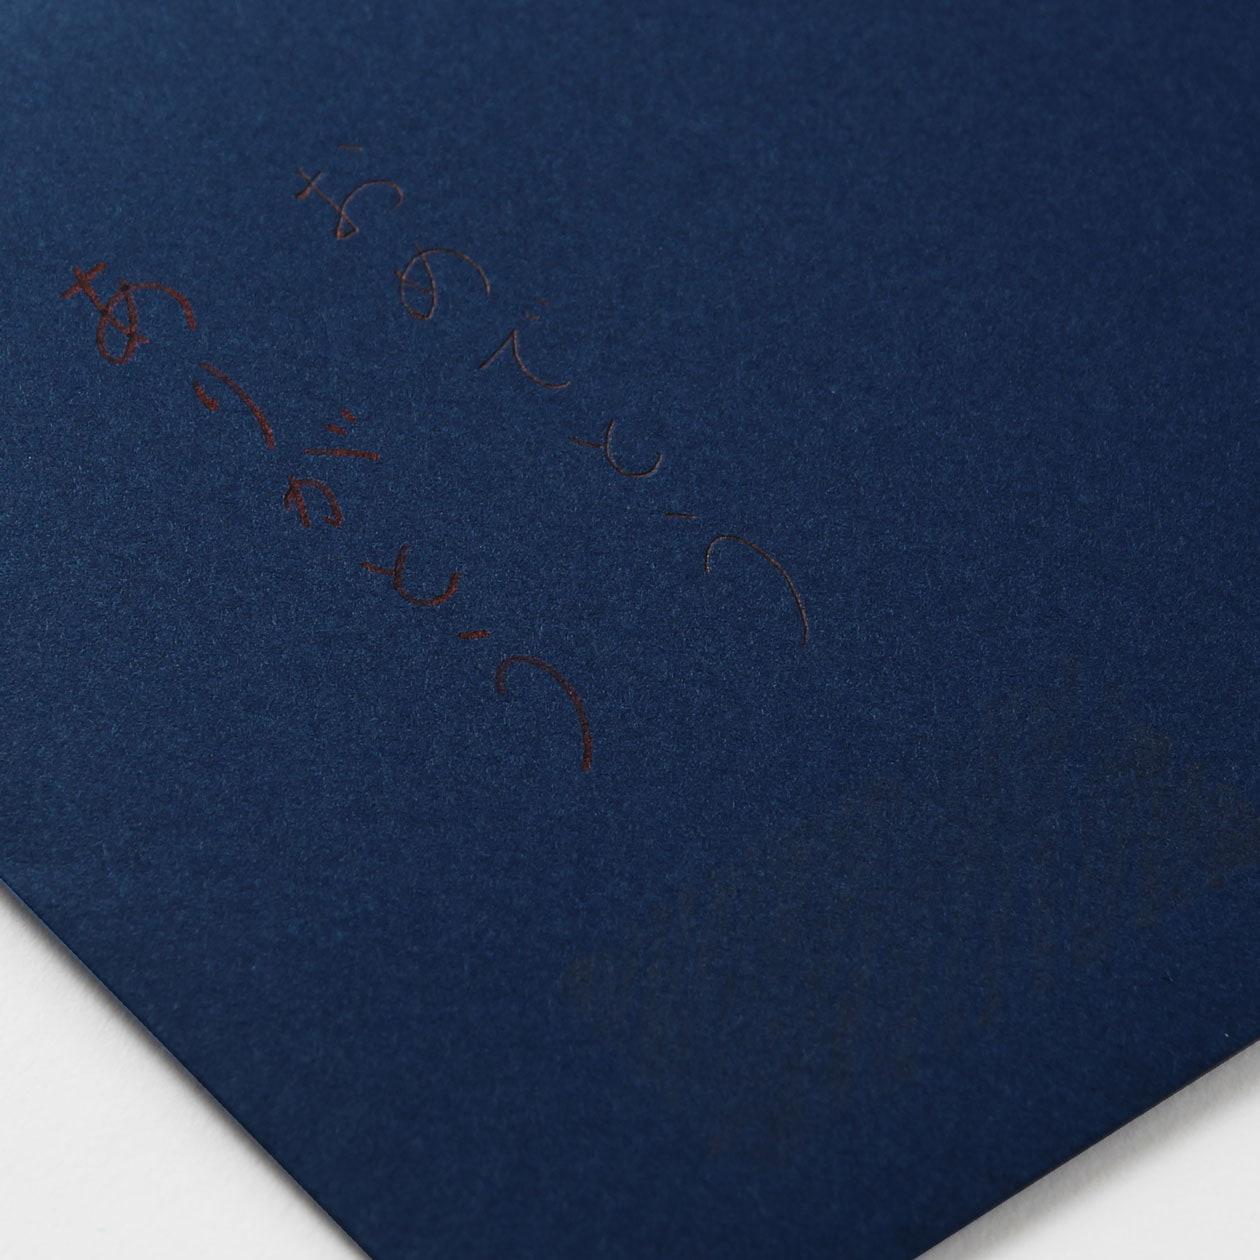 NEカマス封筒 コットン(NTラシャ) あい 116.3g